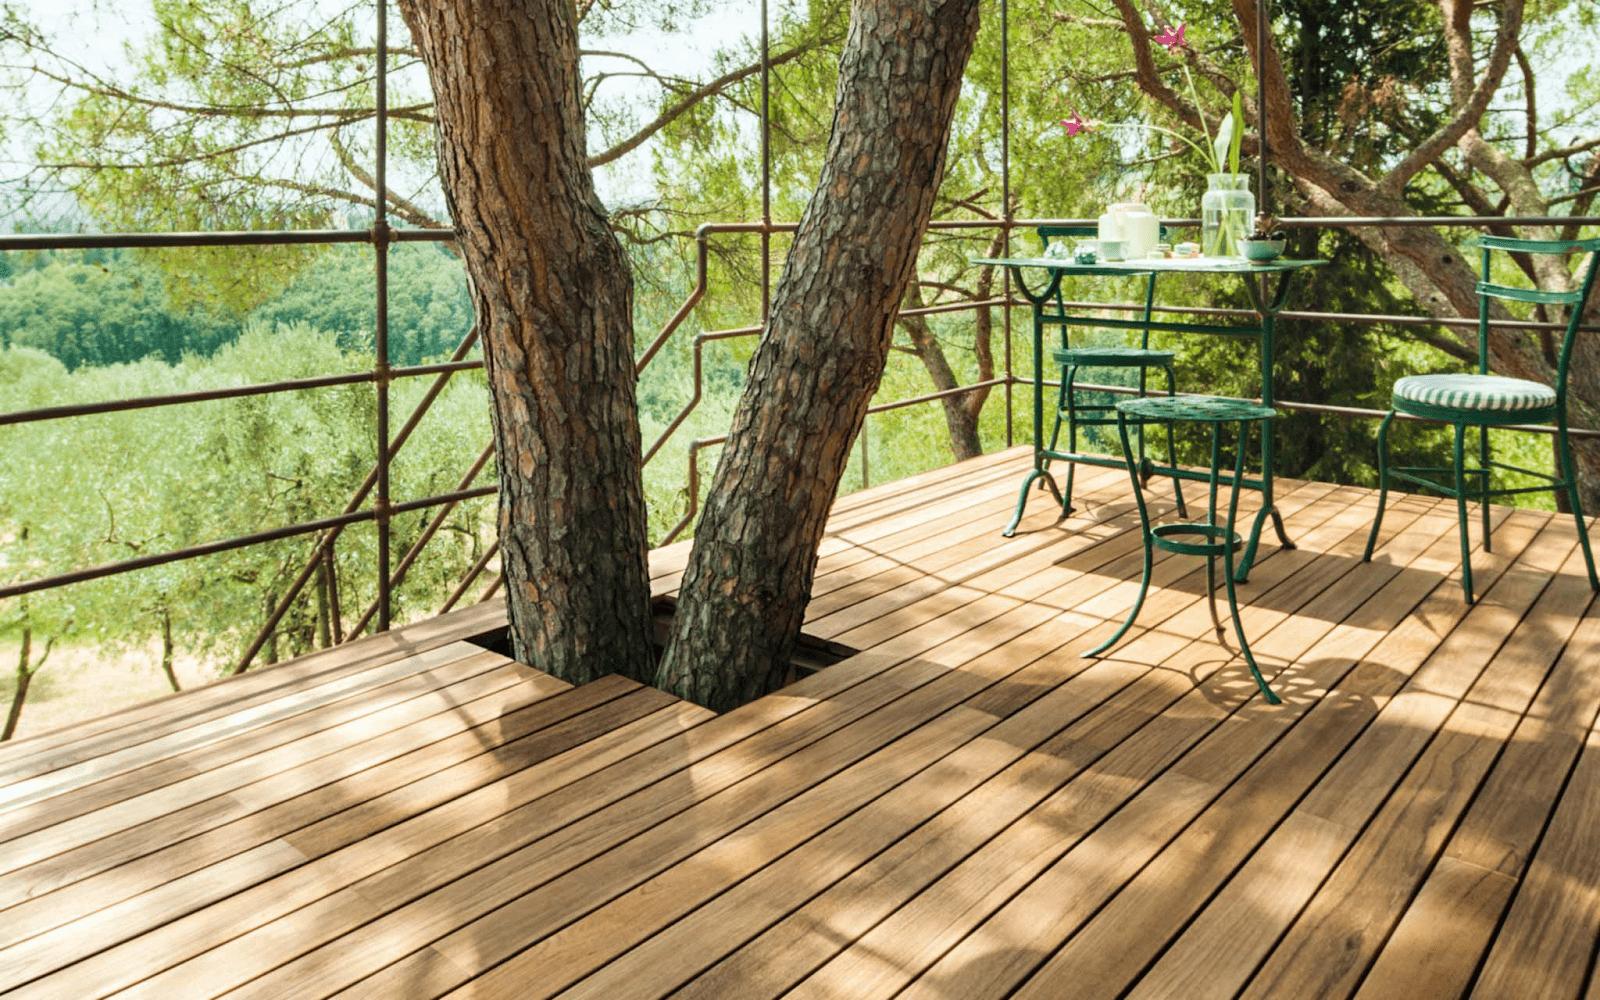 Sàn gỗ Teak phù hợp cho không gian ngoài trời